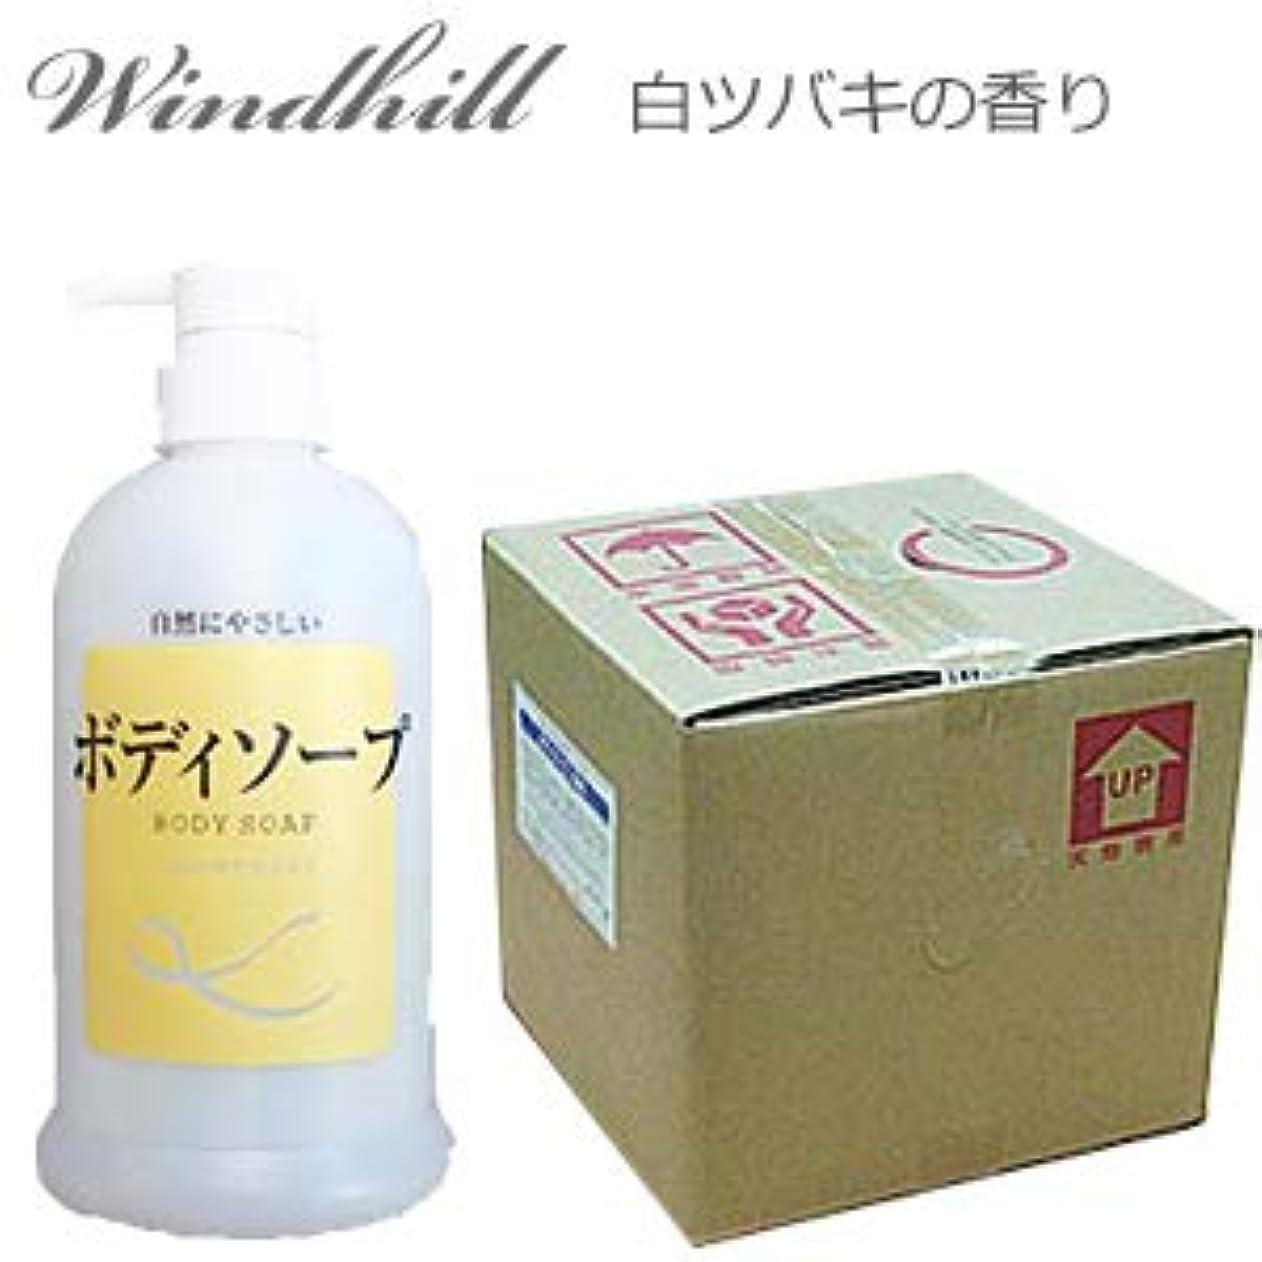 繁殖レルムシステムなんと! 500ml当り175円 Windhill 植物性 業務用 ボディソープ  白ツバキの香り 20L